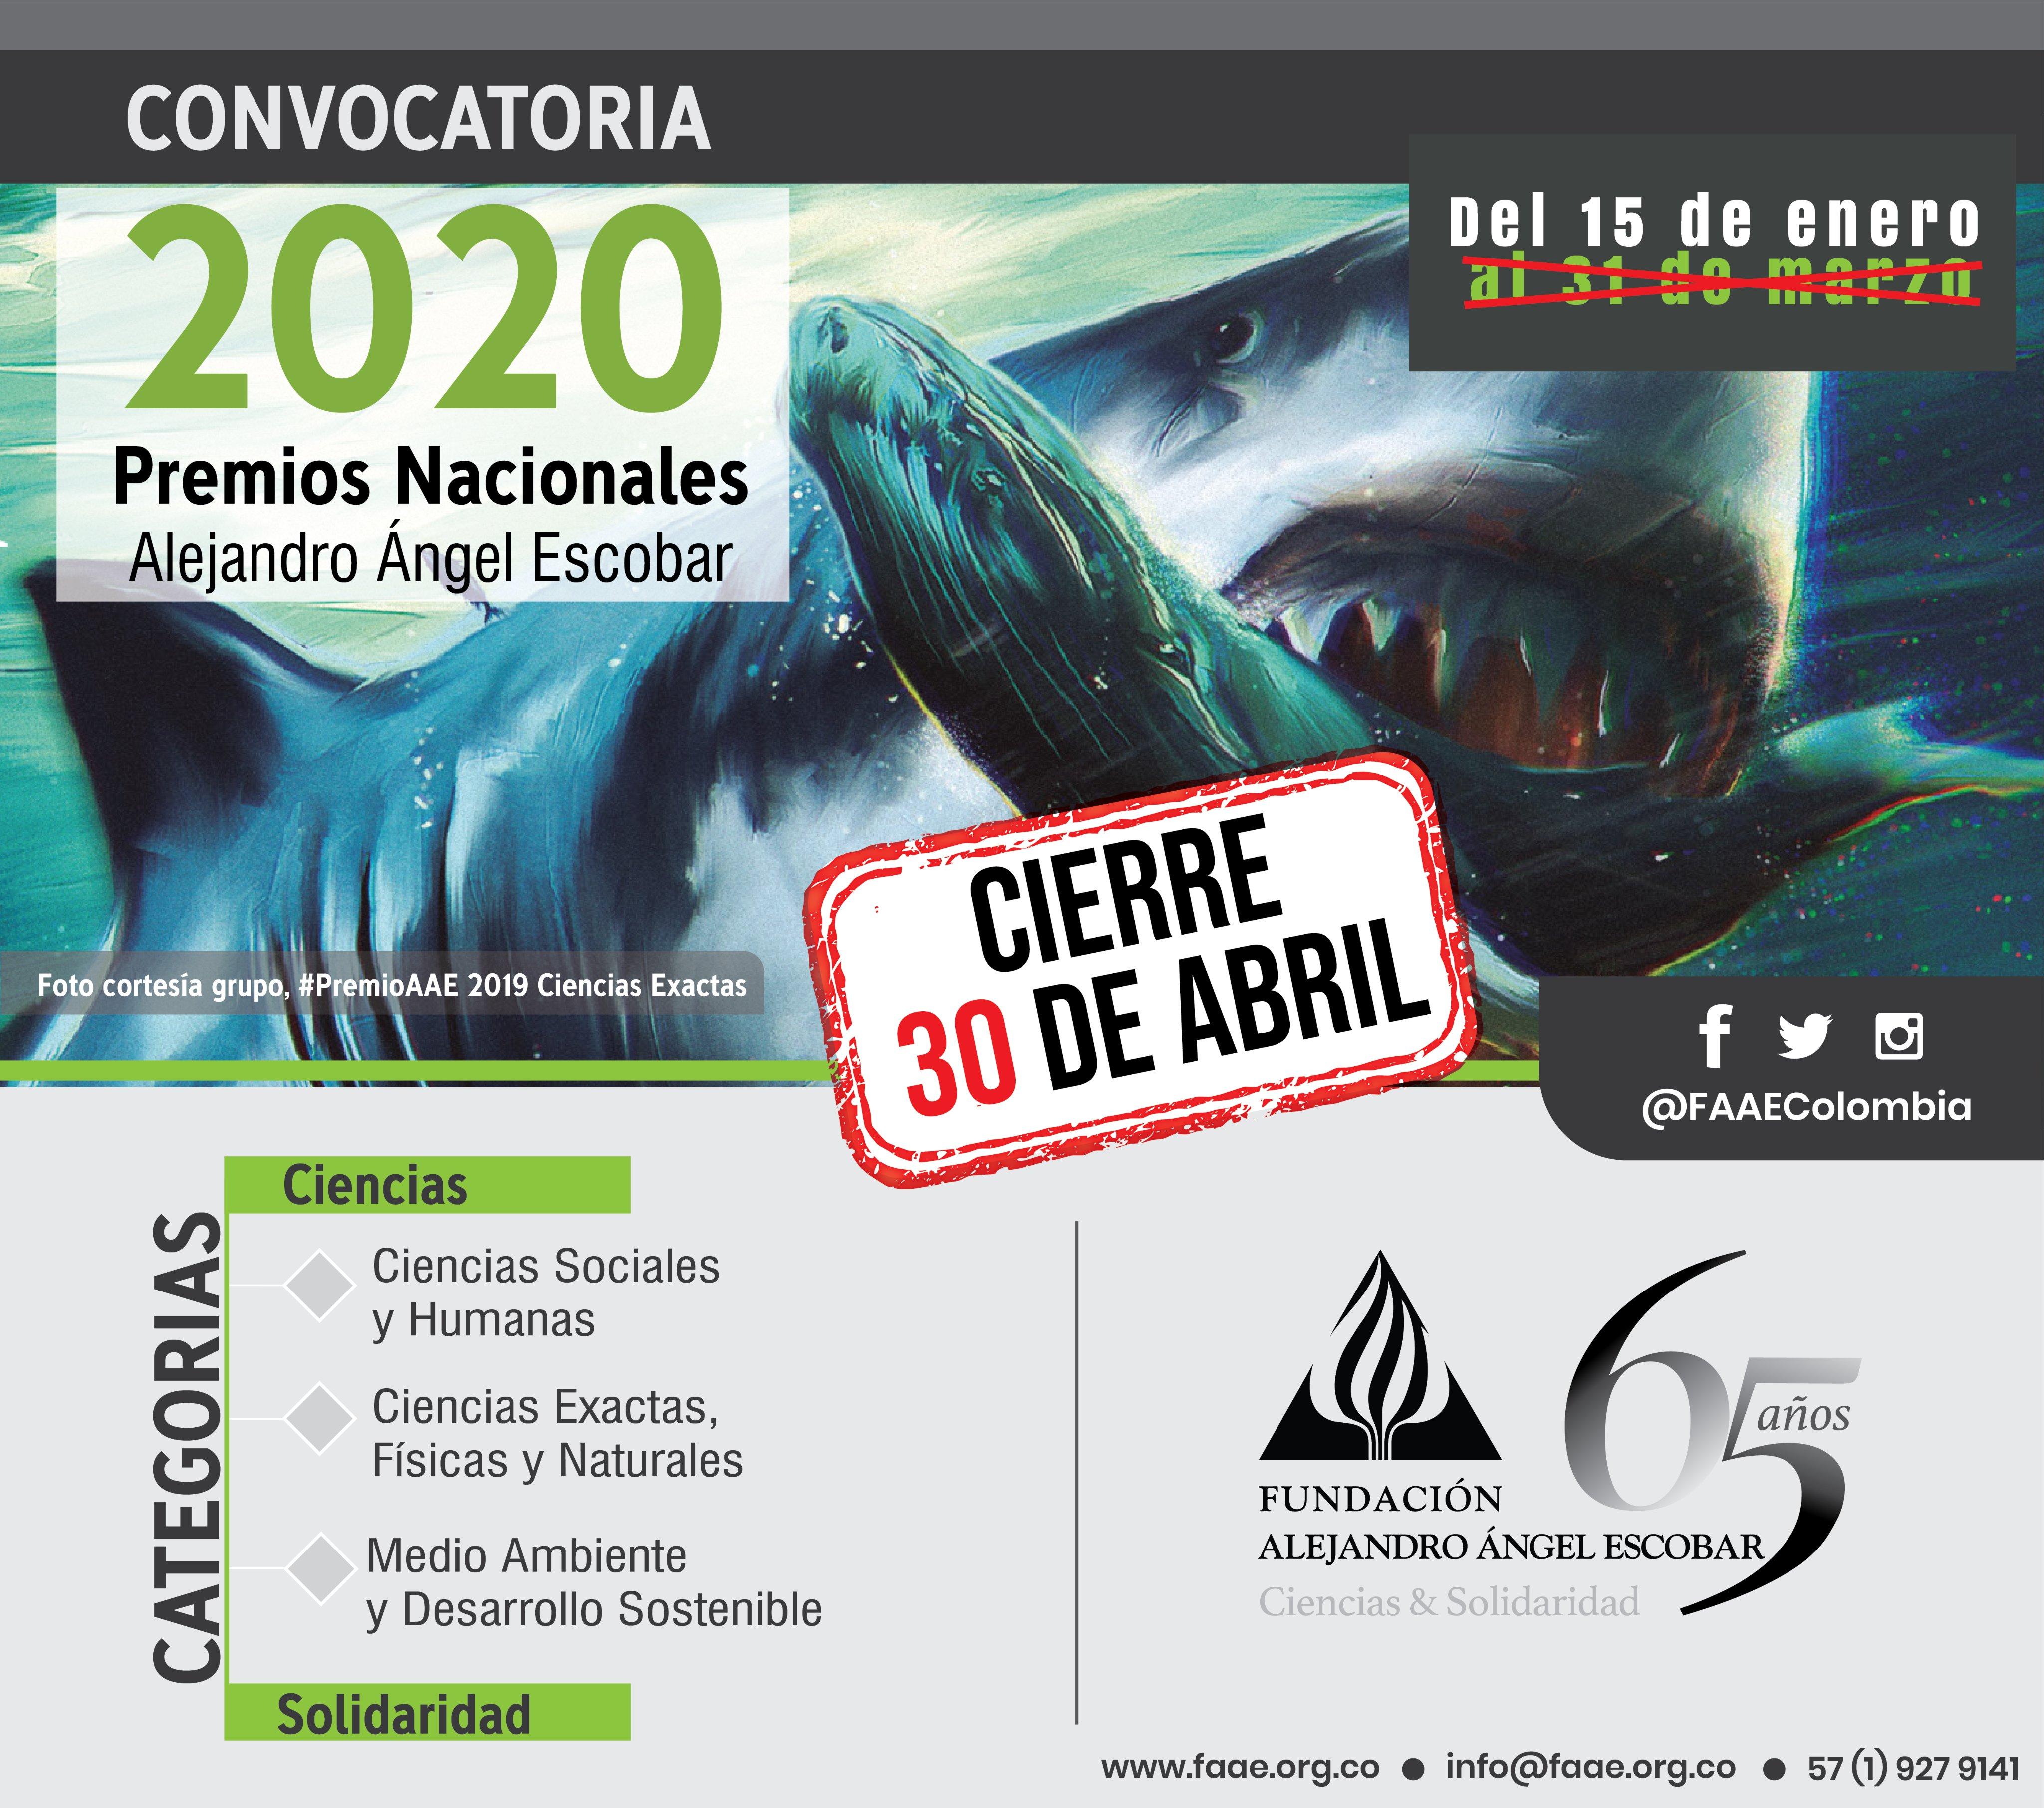 Convocatoria Premios Alejandro Ángel Escobar 2020 (Ciencias y Solidaridad)